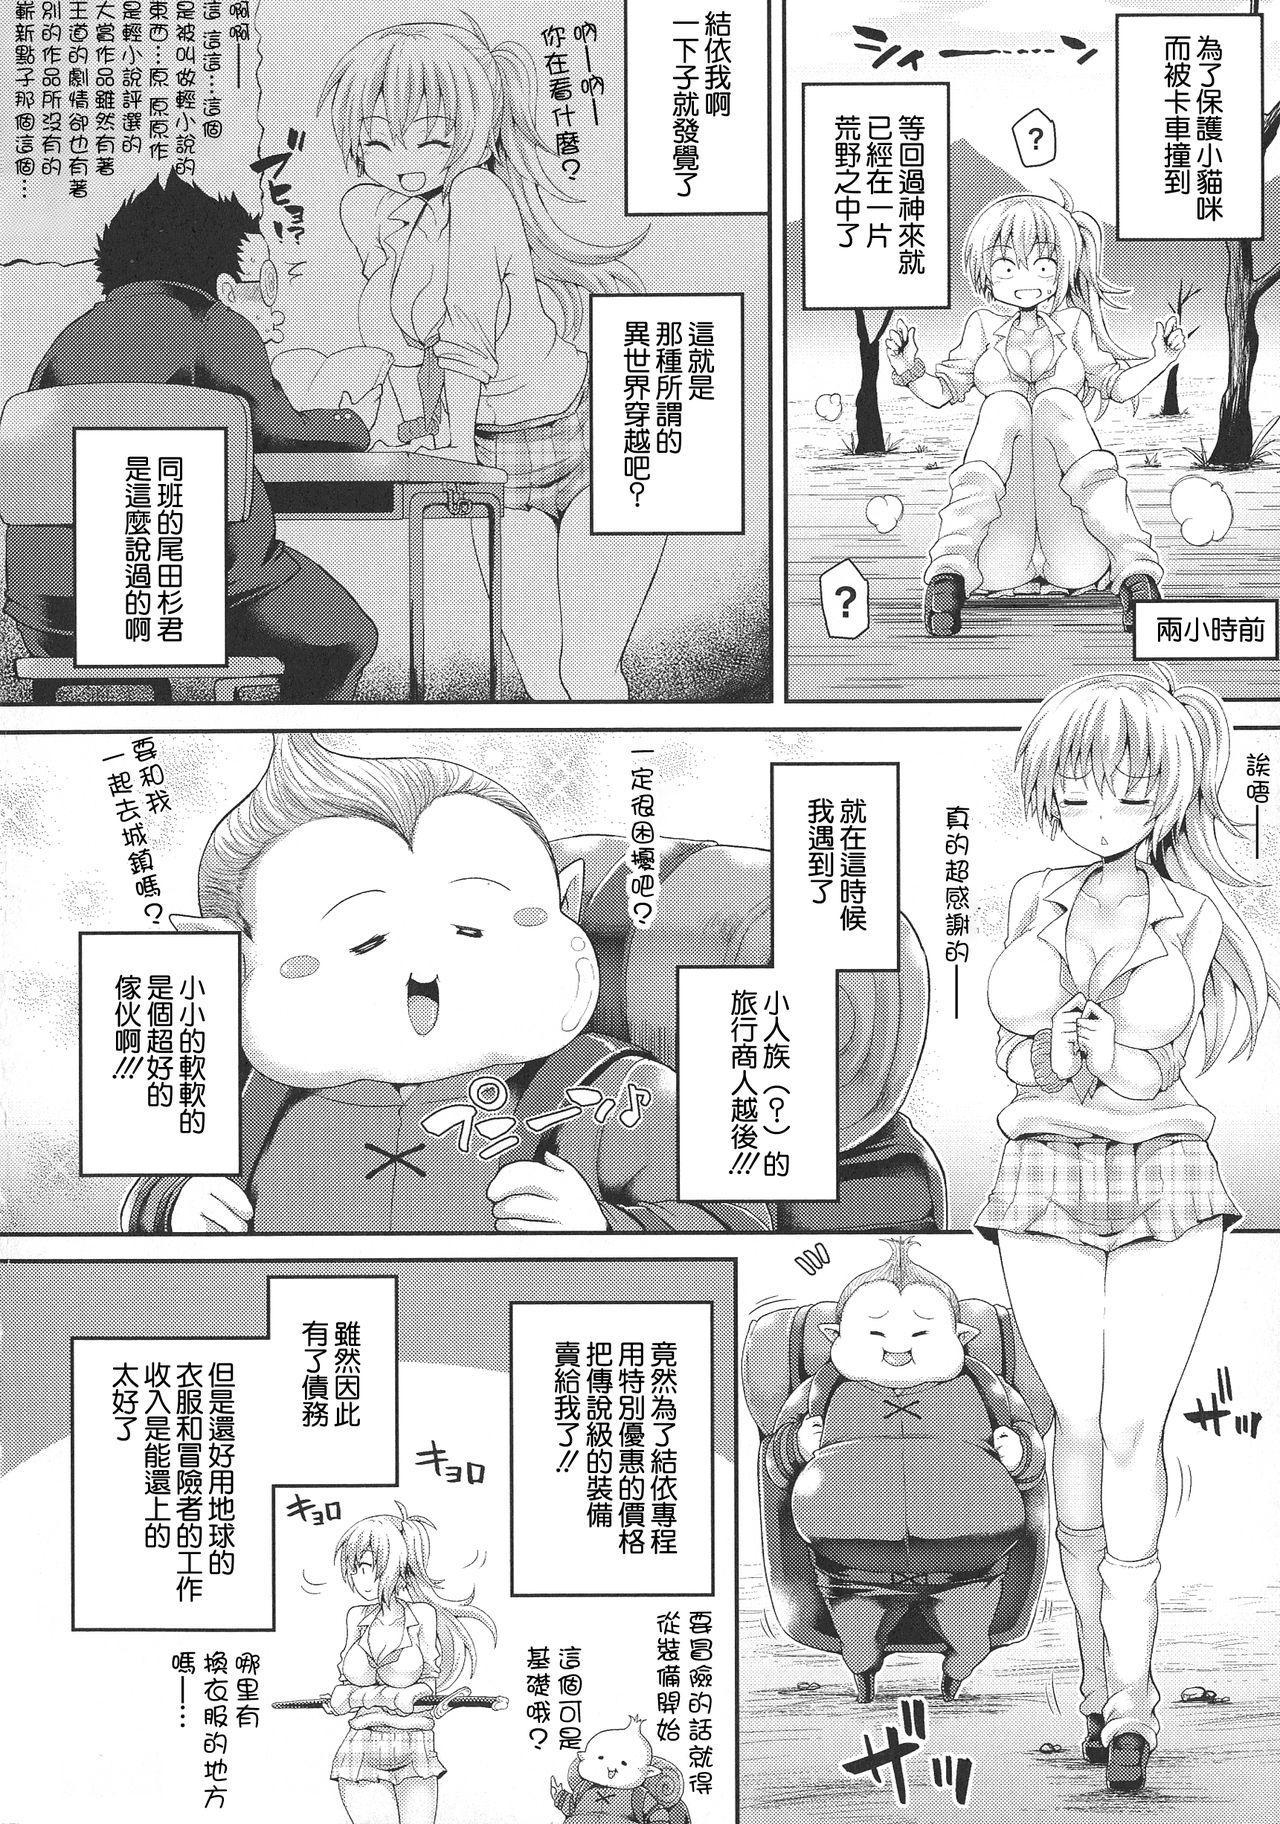 Futanari Gal Brave - Tsuiteru Gal Yuusha Isekai no ji ni Botsu 8